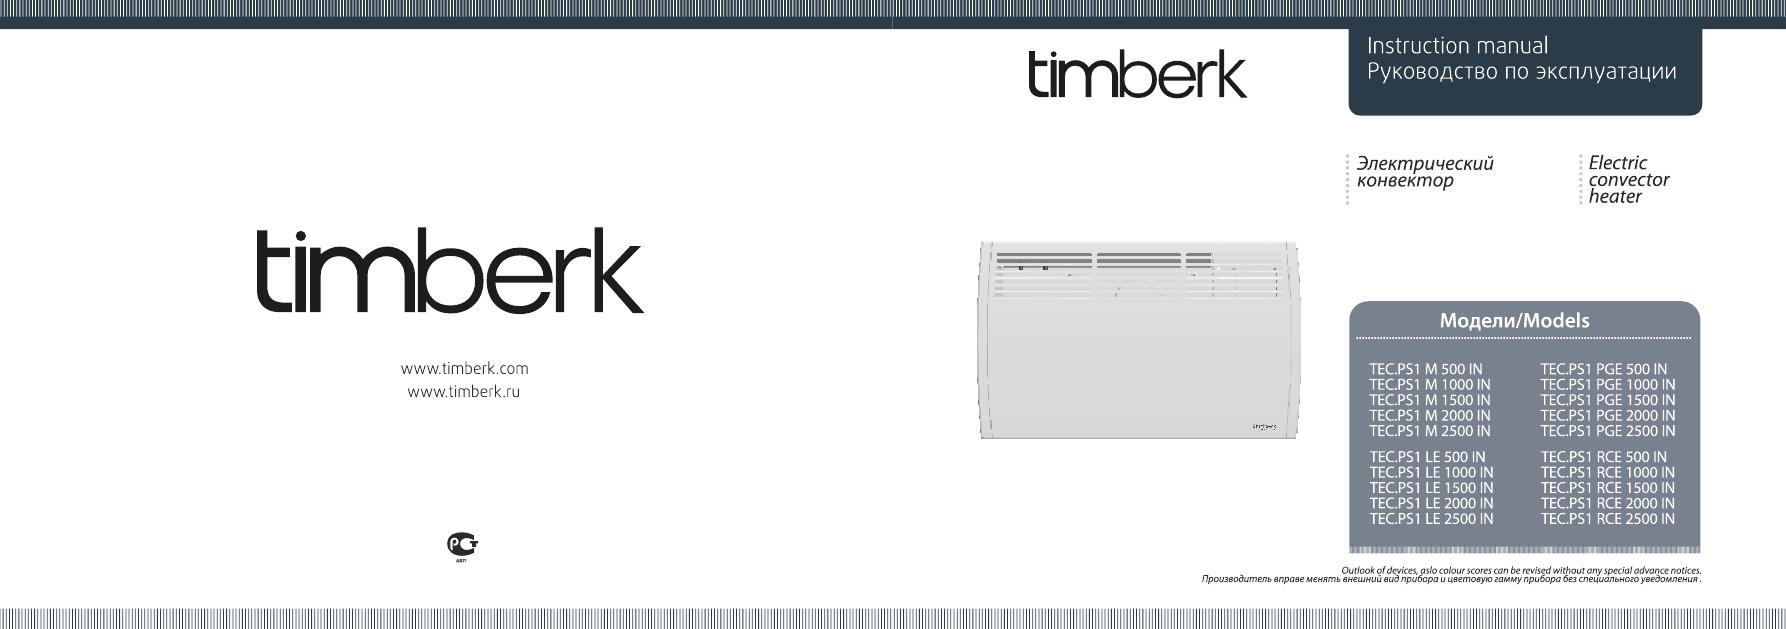 руководство по эксплуатации конвектора timberk